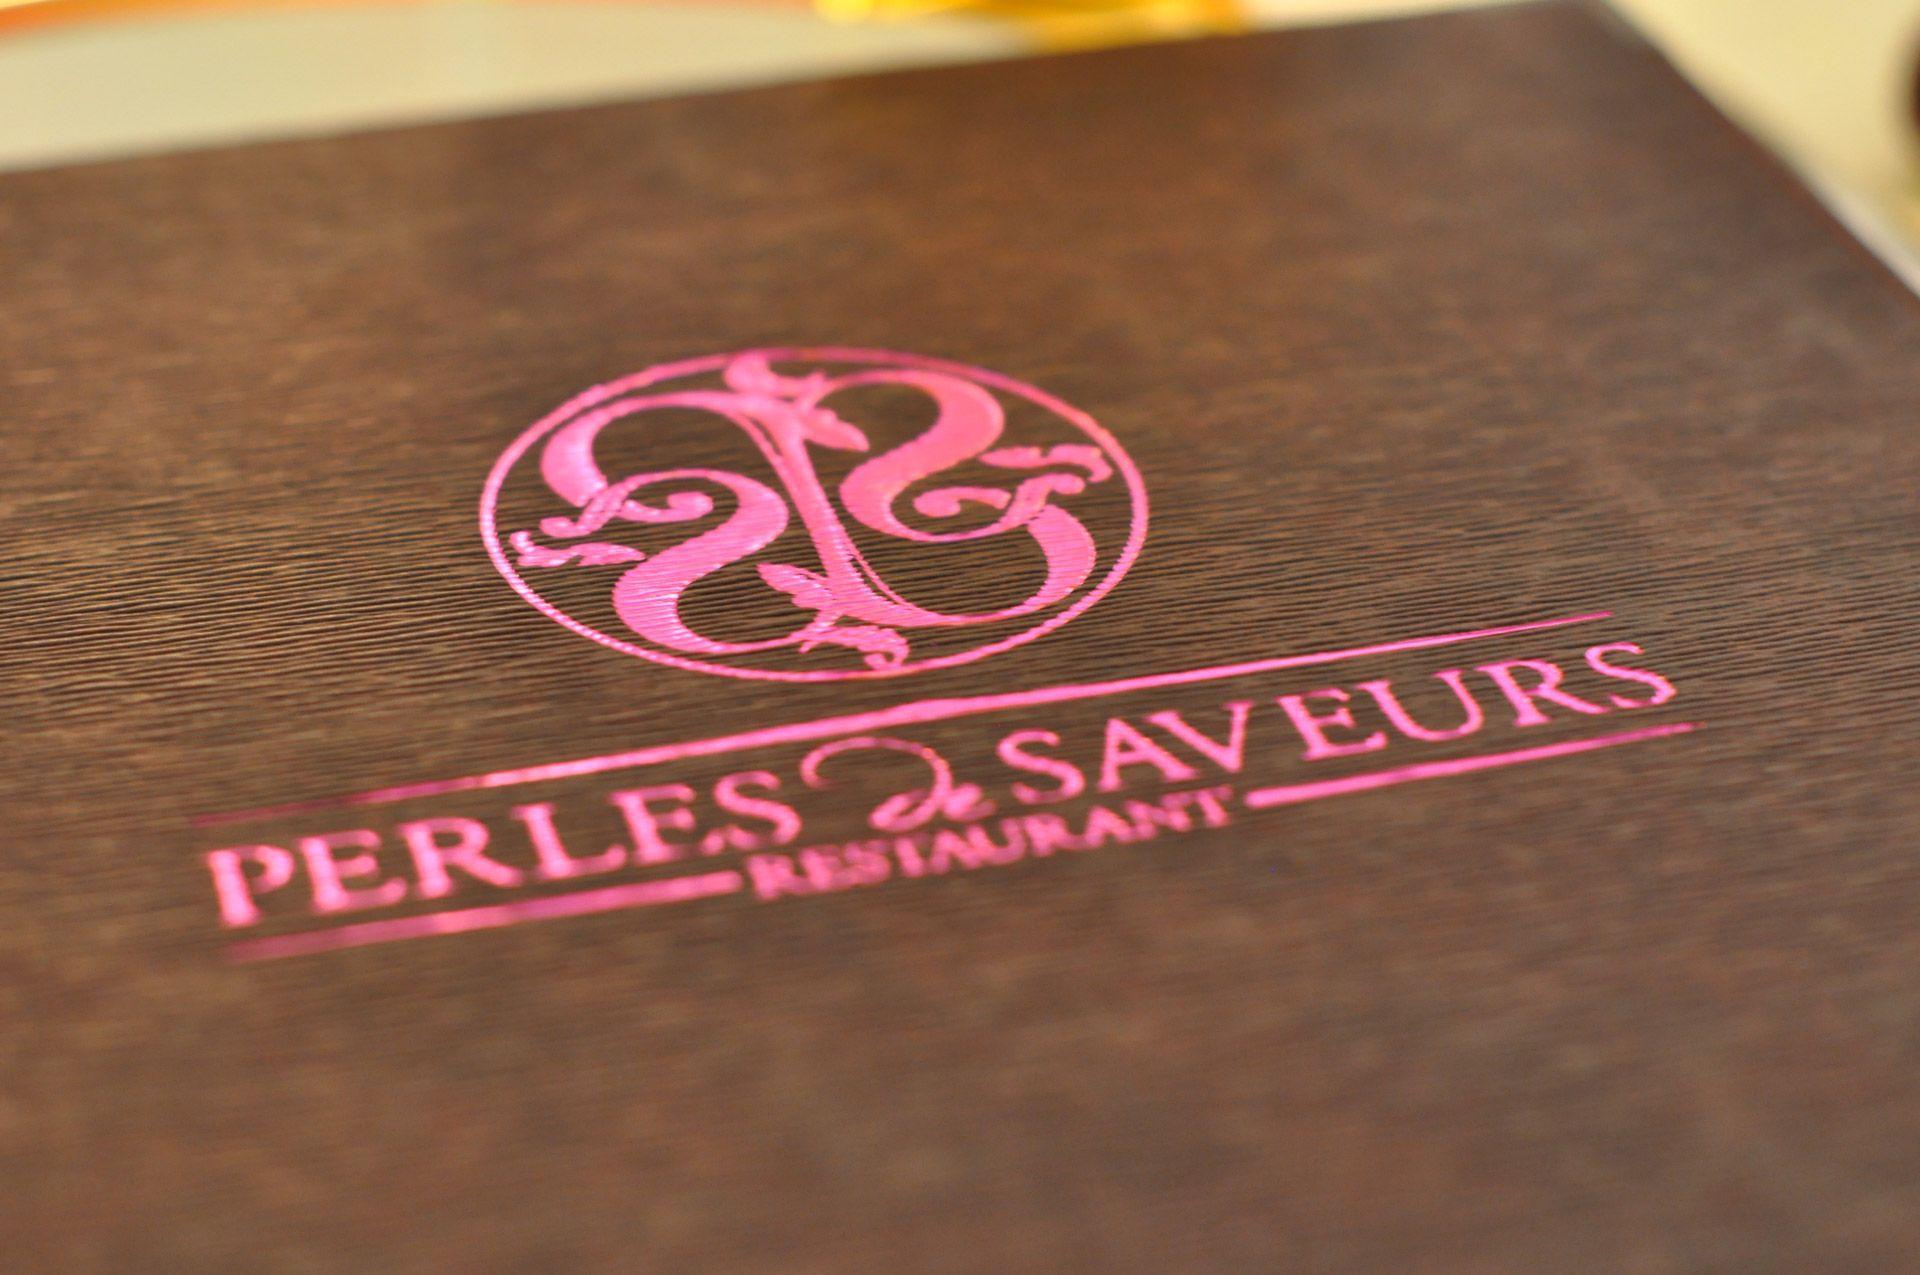 Carte menus Perles de Saveurs